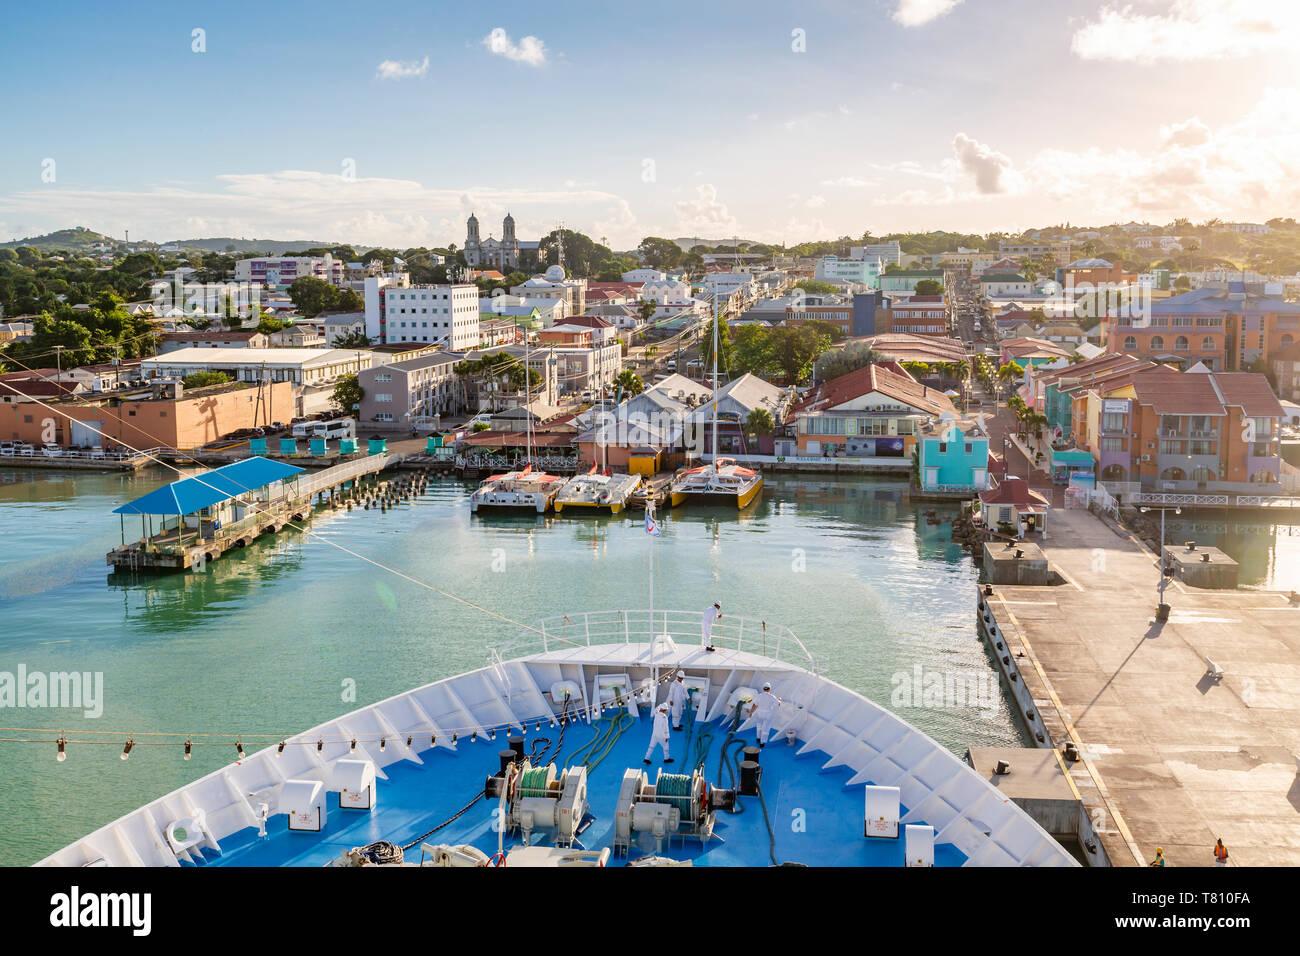 Croisière à bord du navire entrée dans le Heritage Quay, St John's, Antigua, Antilles, Caraïbes, Amérique Centrale Banque D'Images